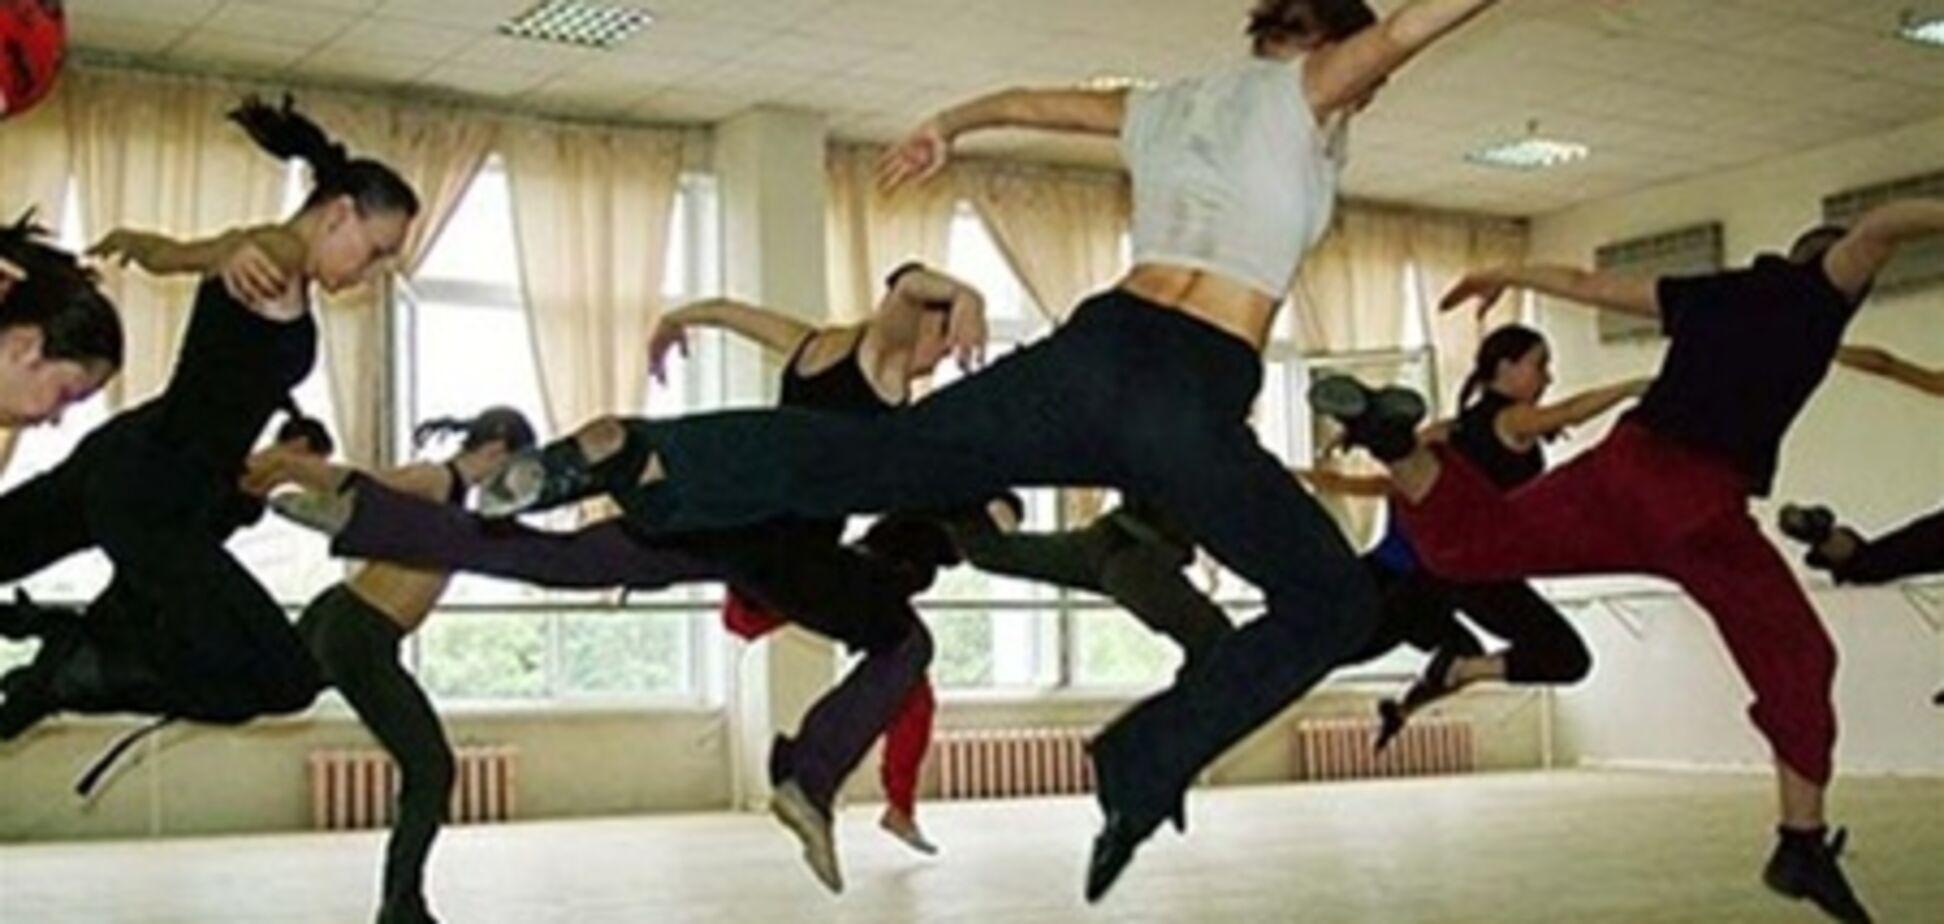 Школа танцев продала в Турцию 60 проституток